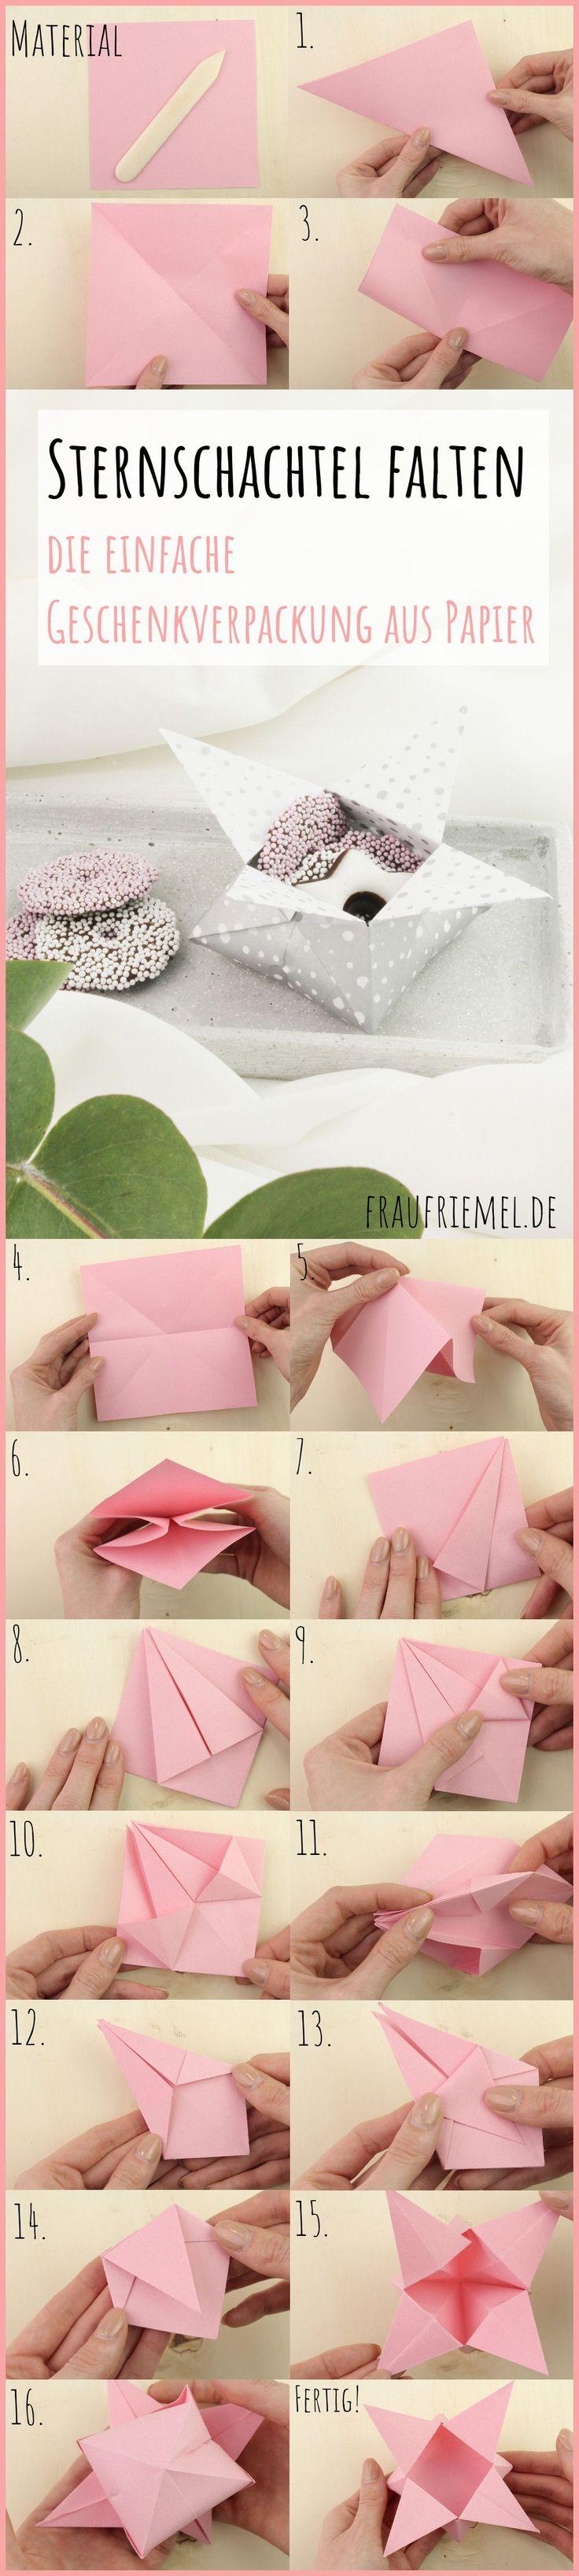 Origami Sternschachtel falten – einfach & schön